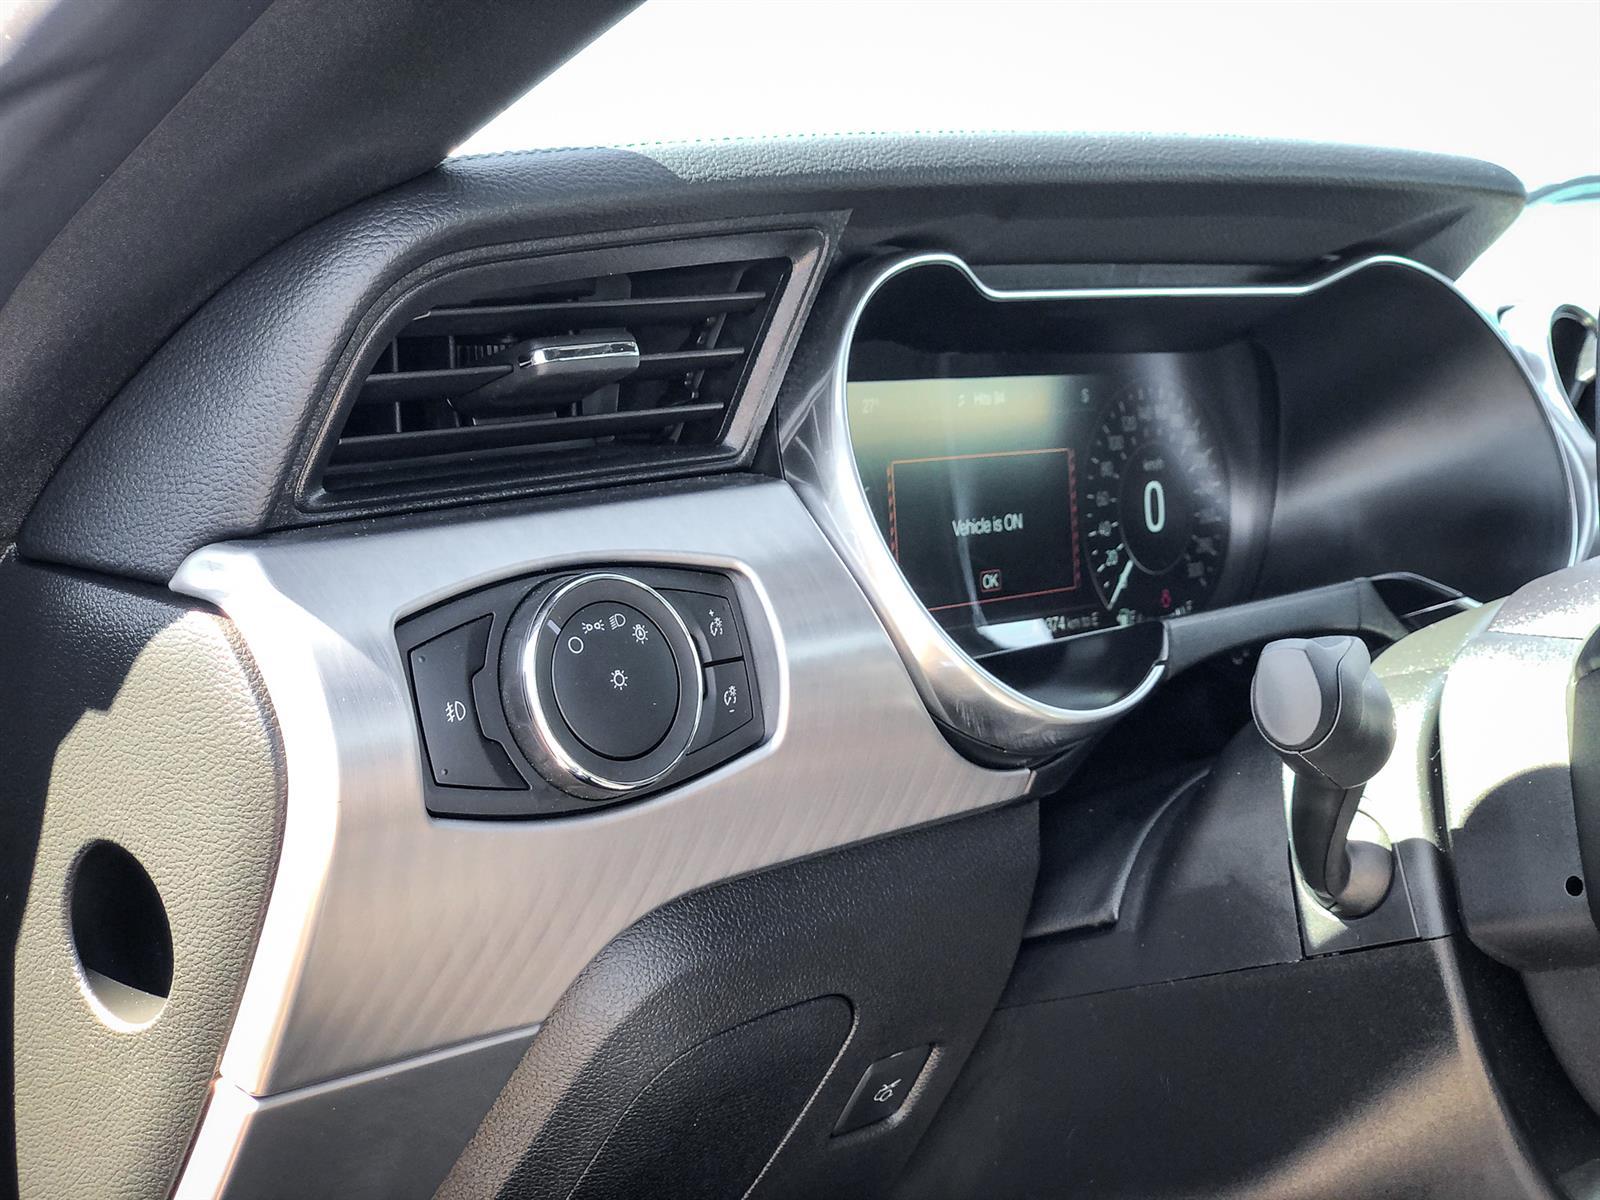 2020 Ford Mustang BULLITT | 5.0L V8 | RWD | REAR CAMERA | TOUCH SCREEN NAV SYSTEM